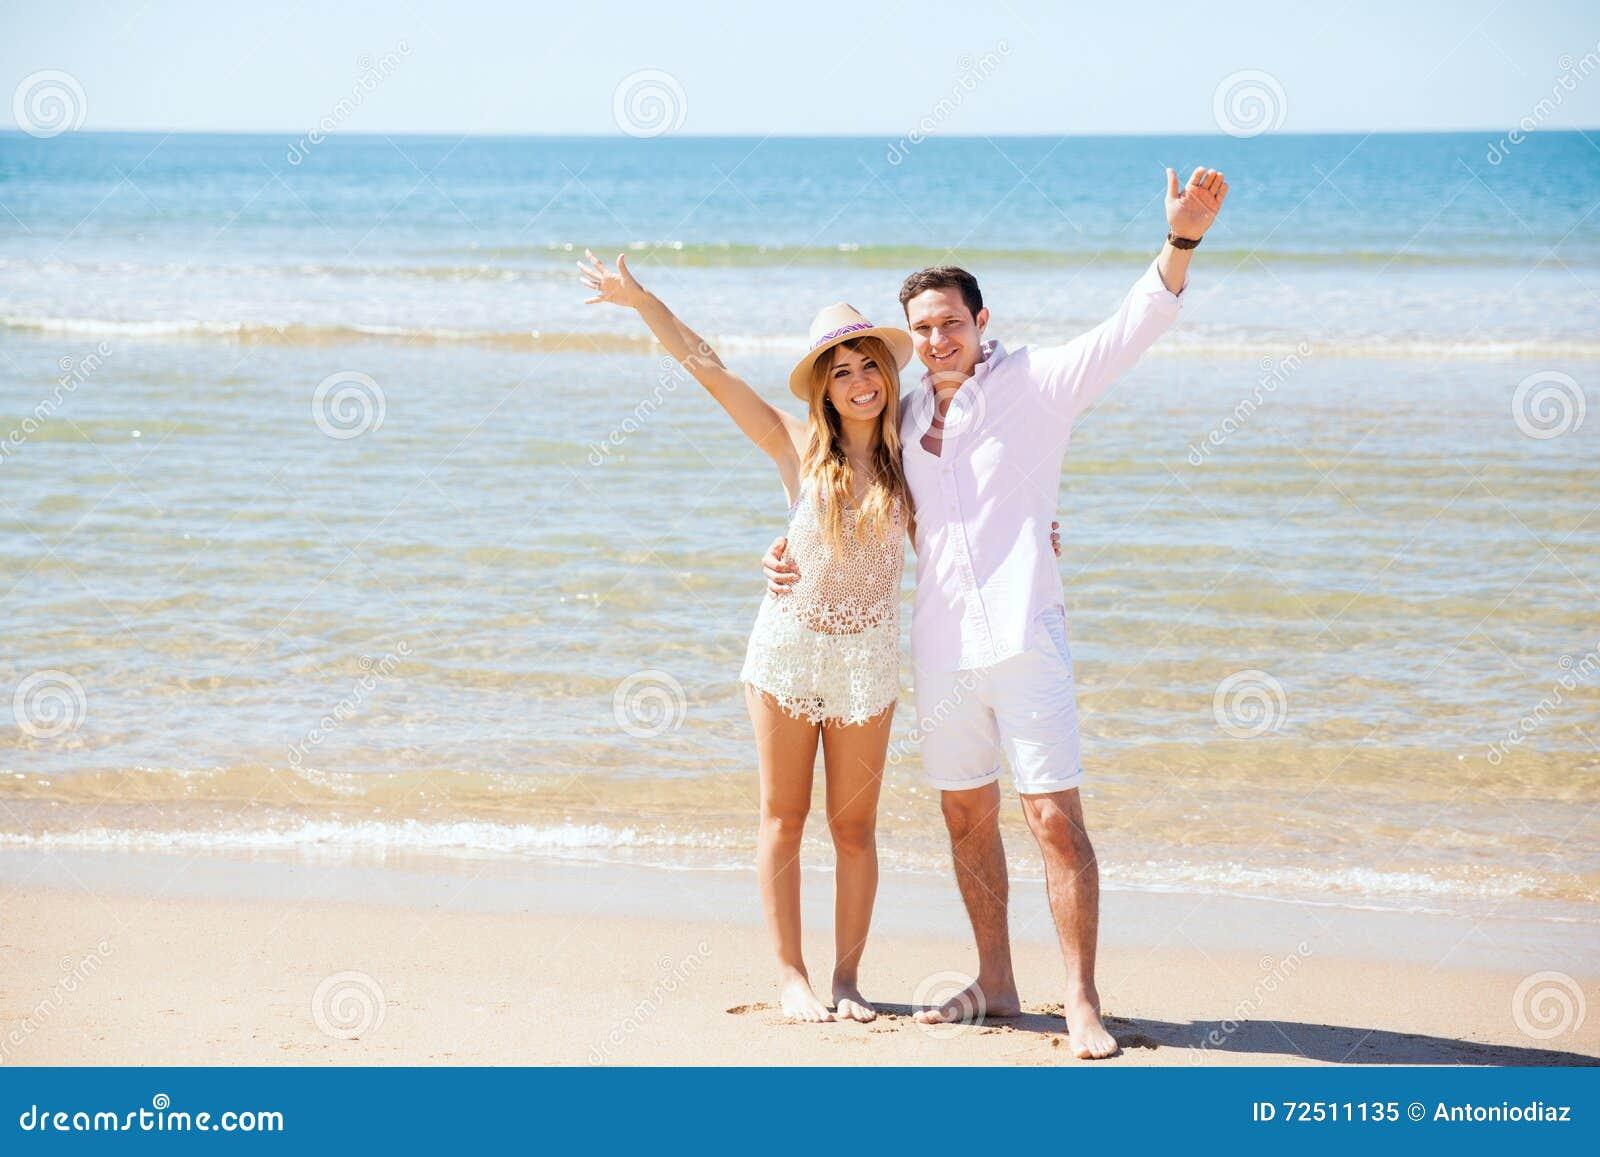 Coppie ispane nella loro luna di miele alla spiaggia